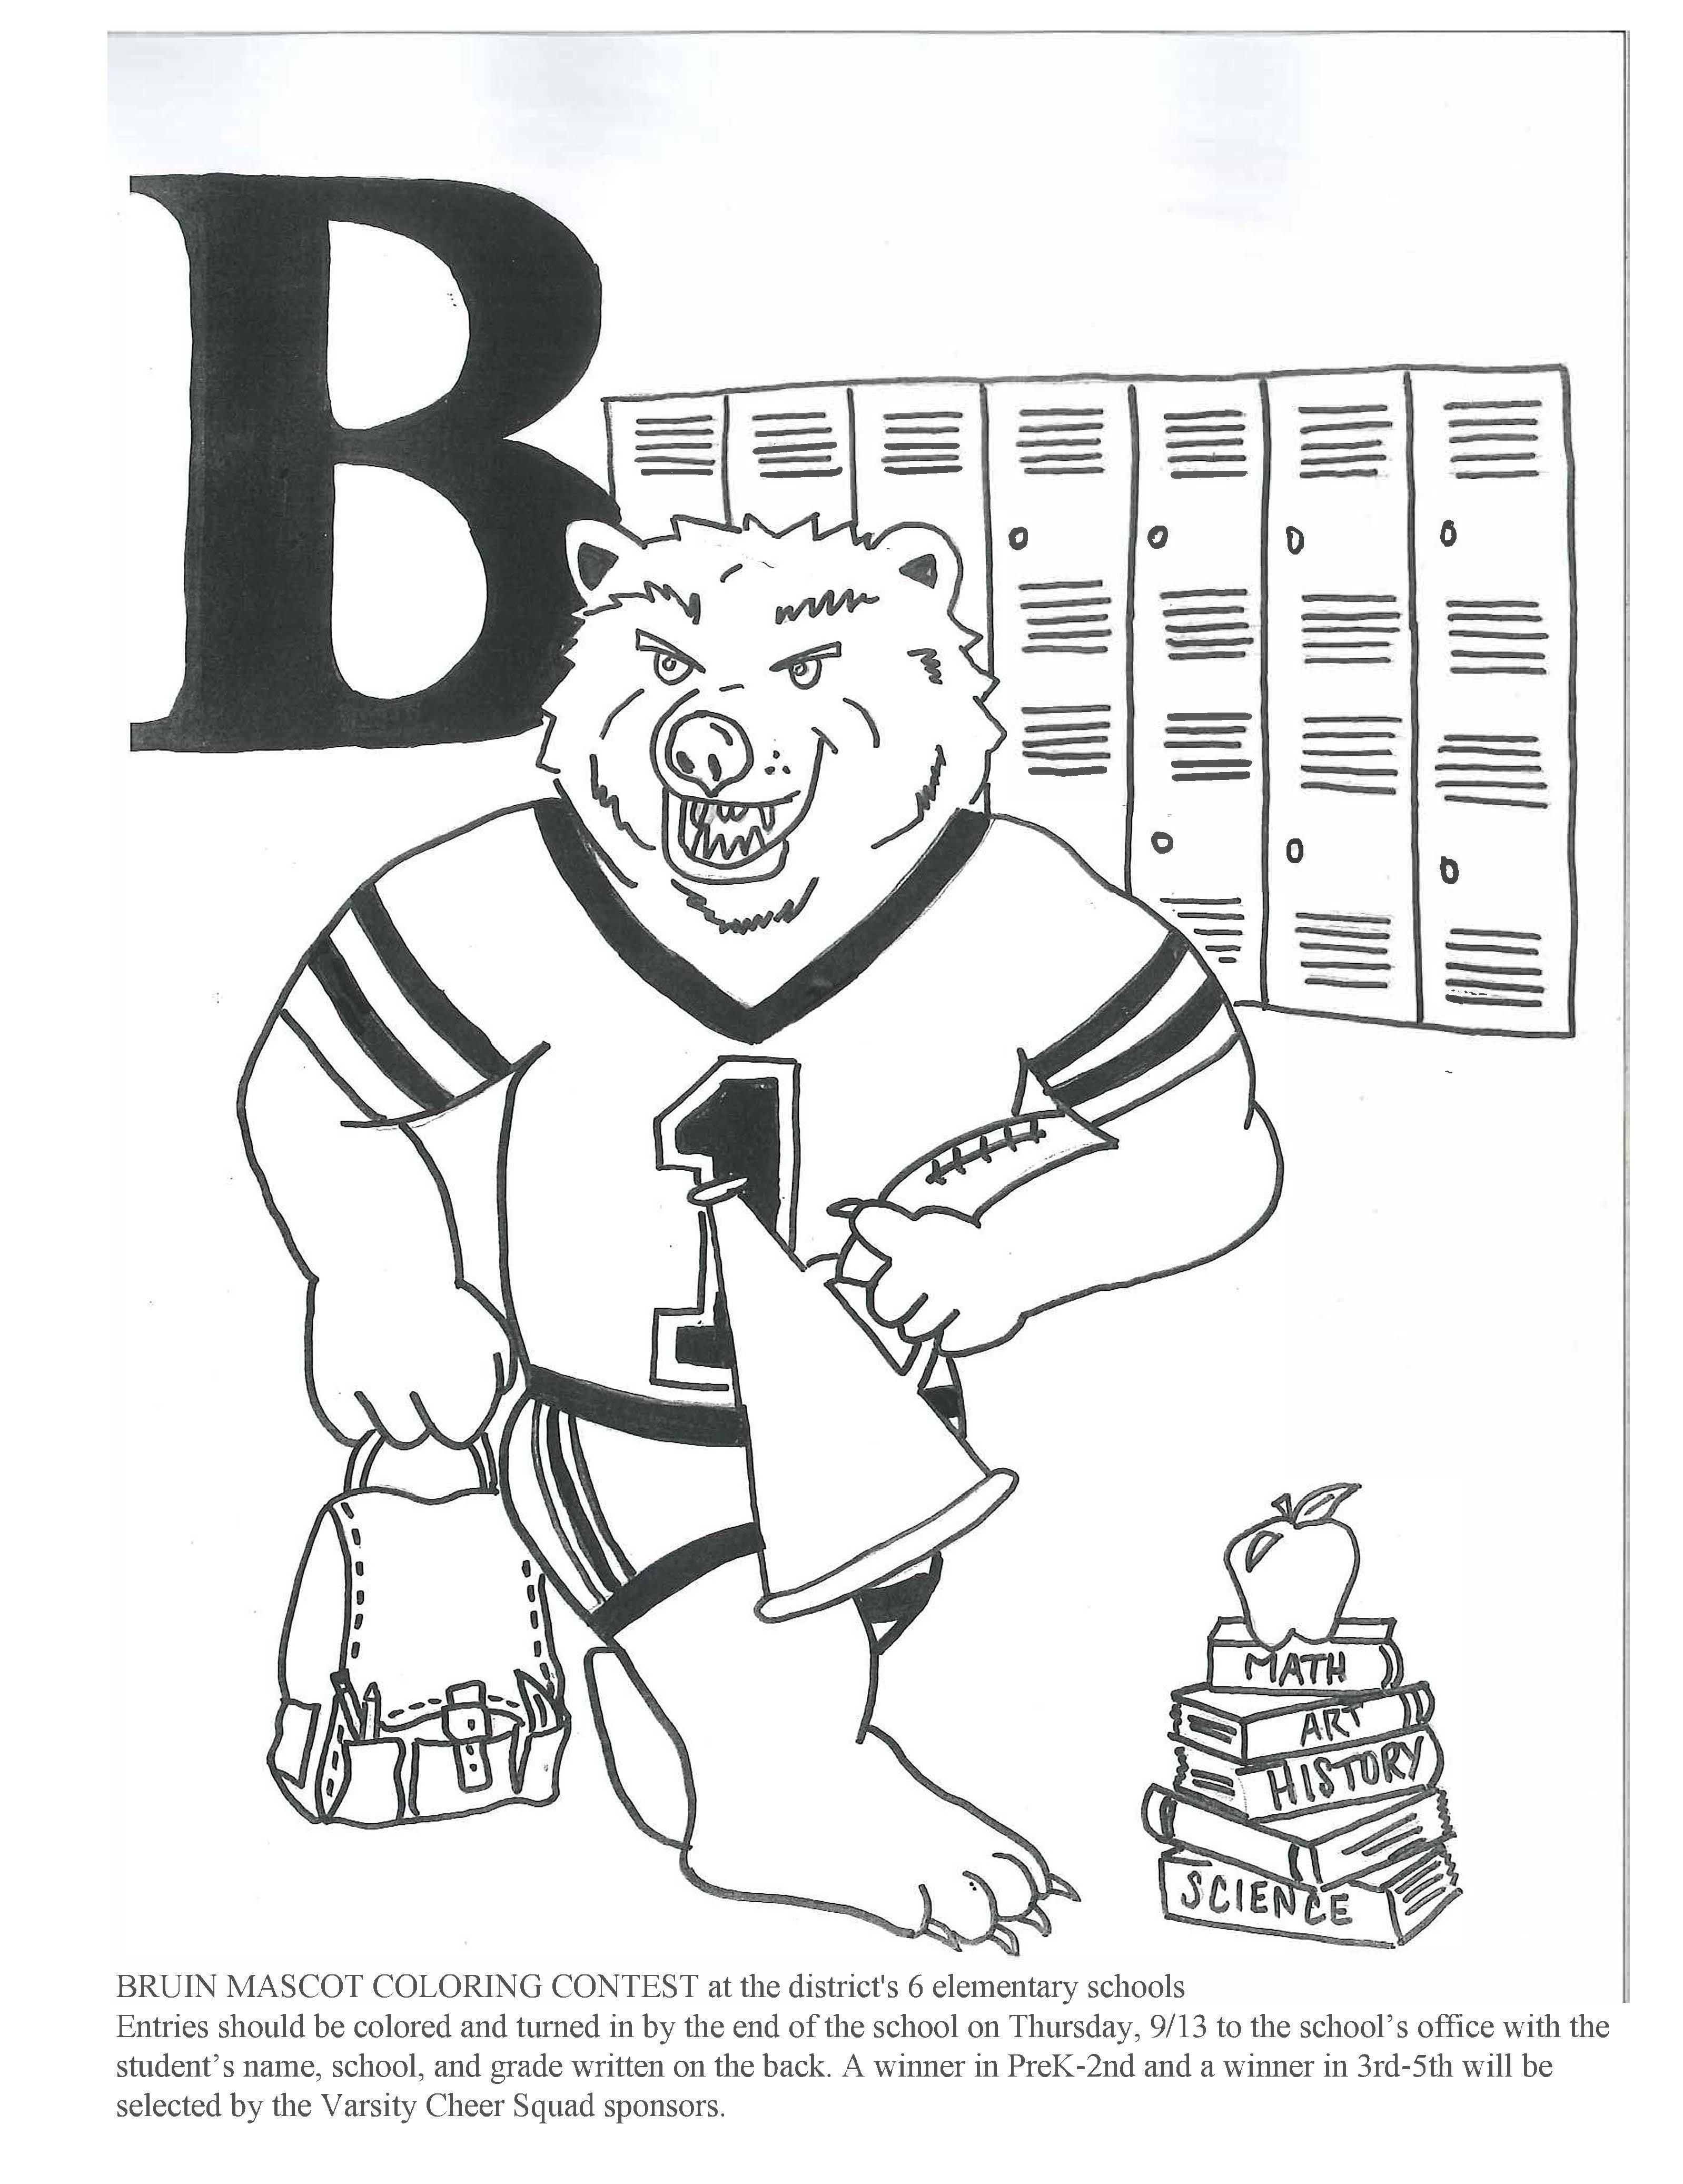 Mascot Coloring Sheet